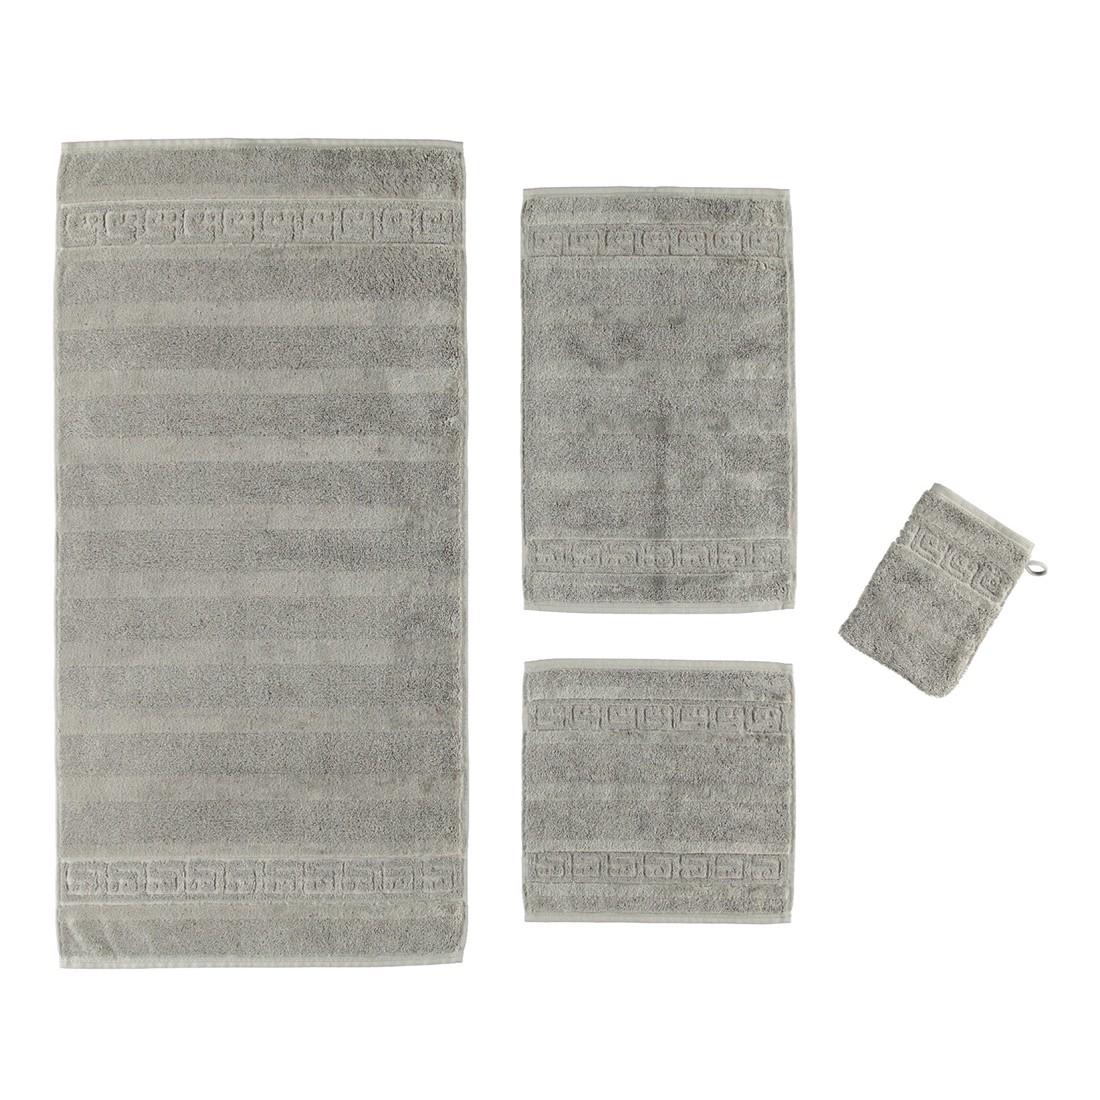 Handtuch Noblesse – 100% Baumwolle graphit – 779 – Duschtuch: 80 x 160 cm, Cawö günstig kaufen